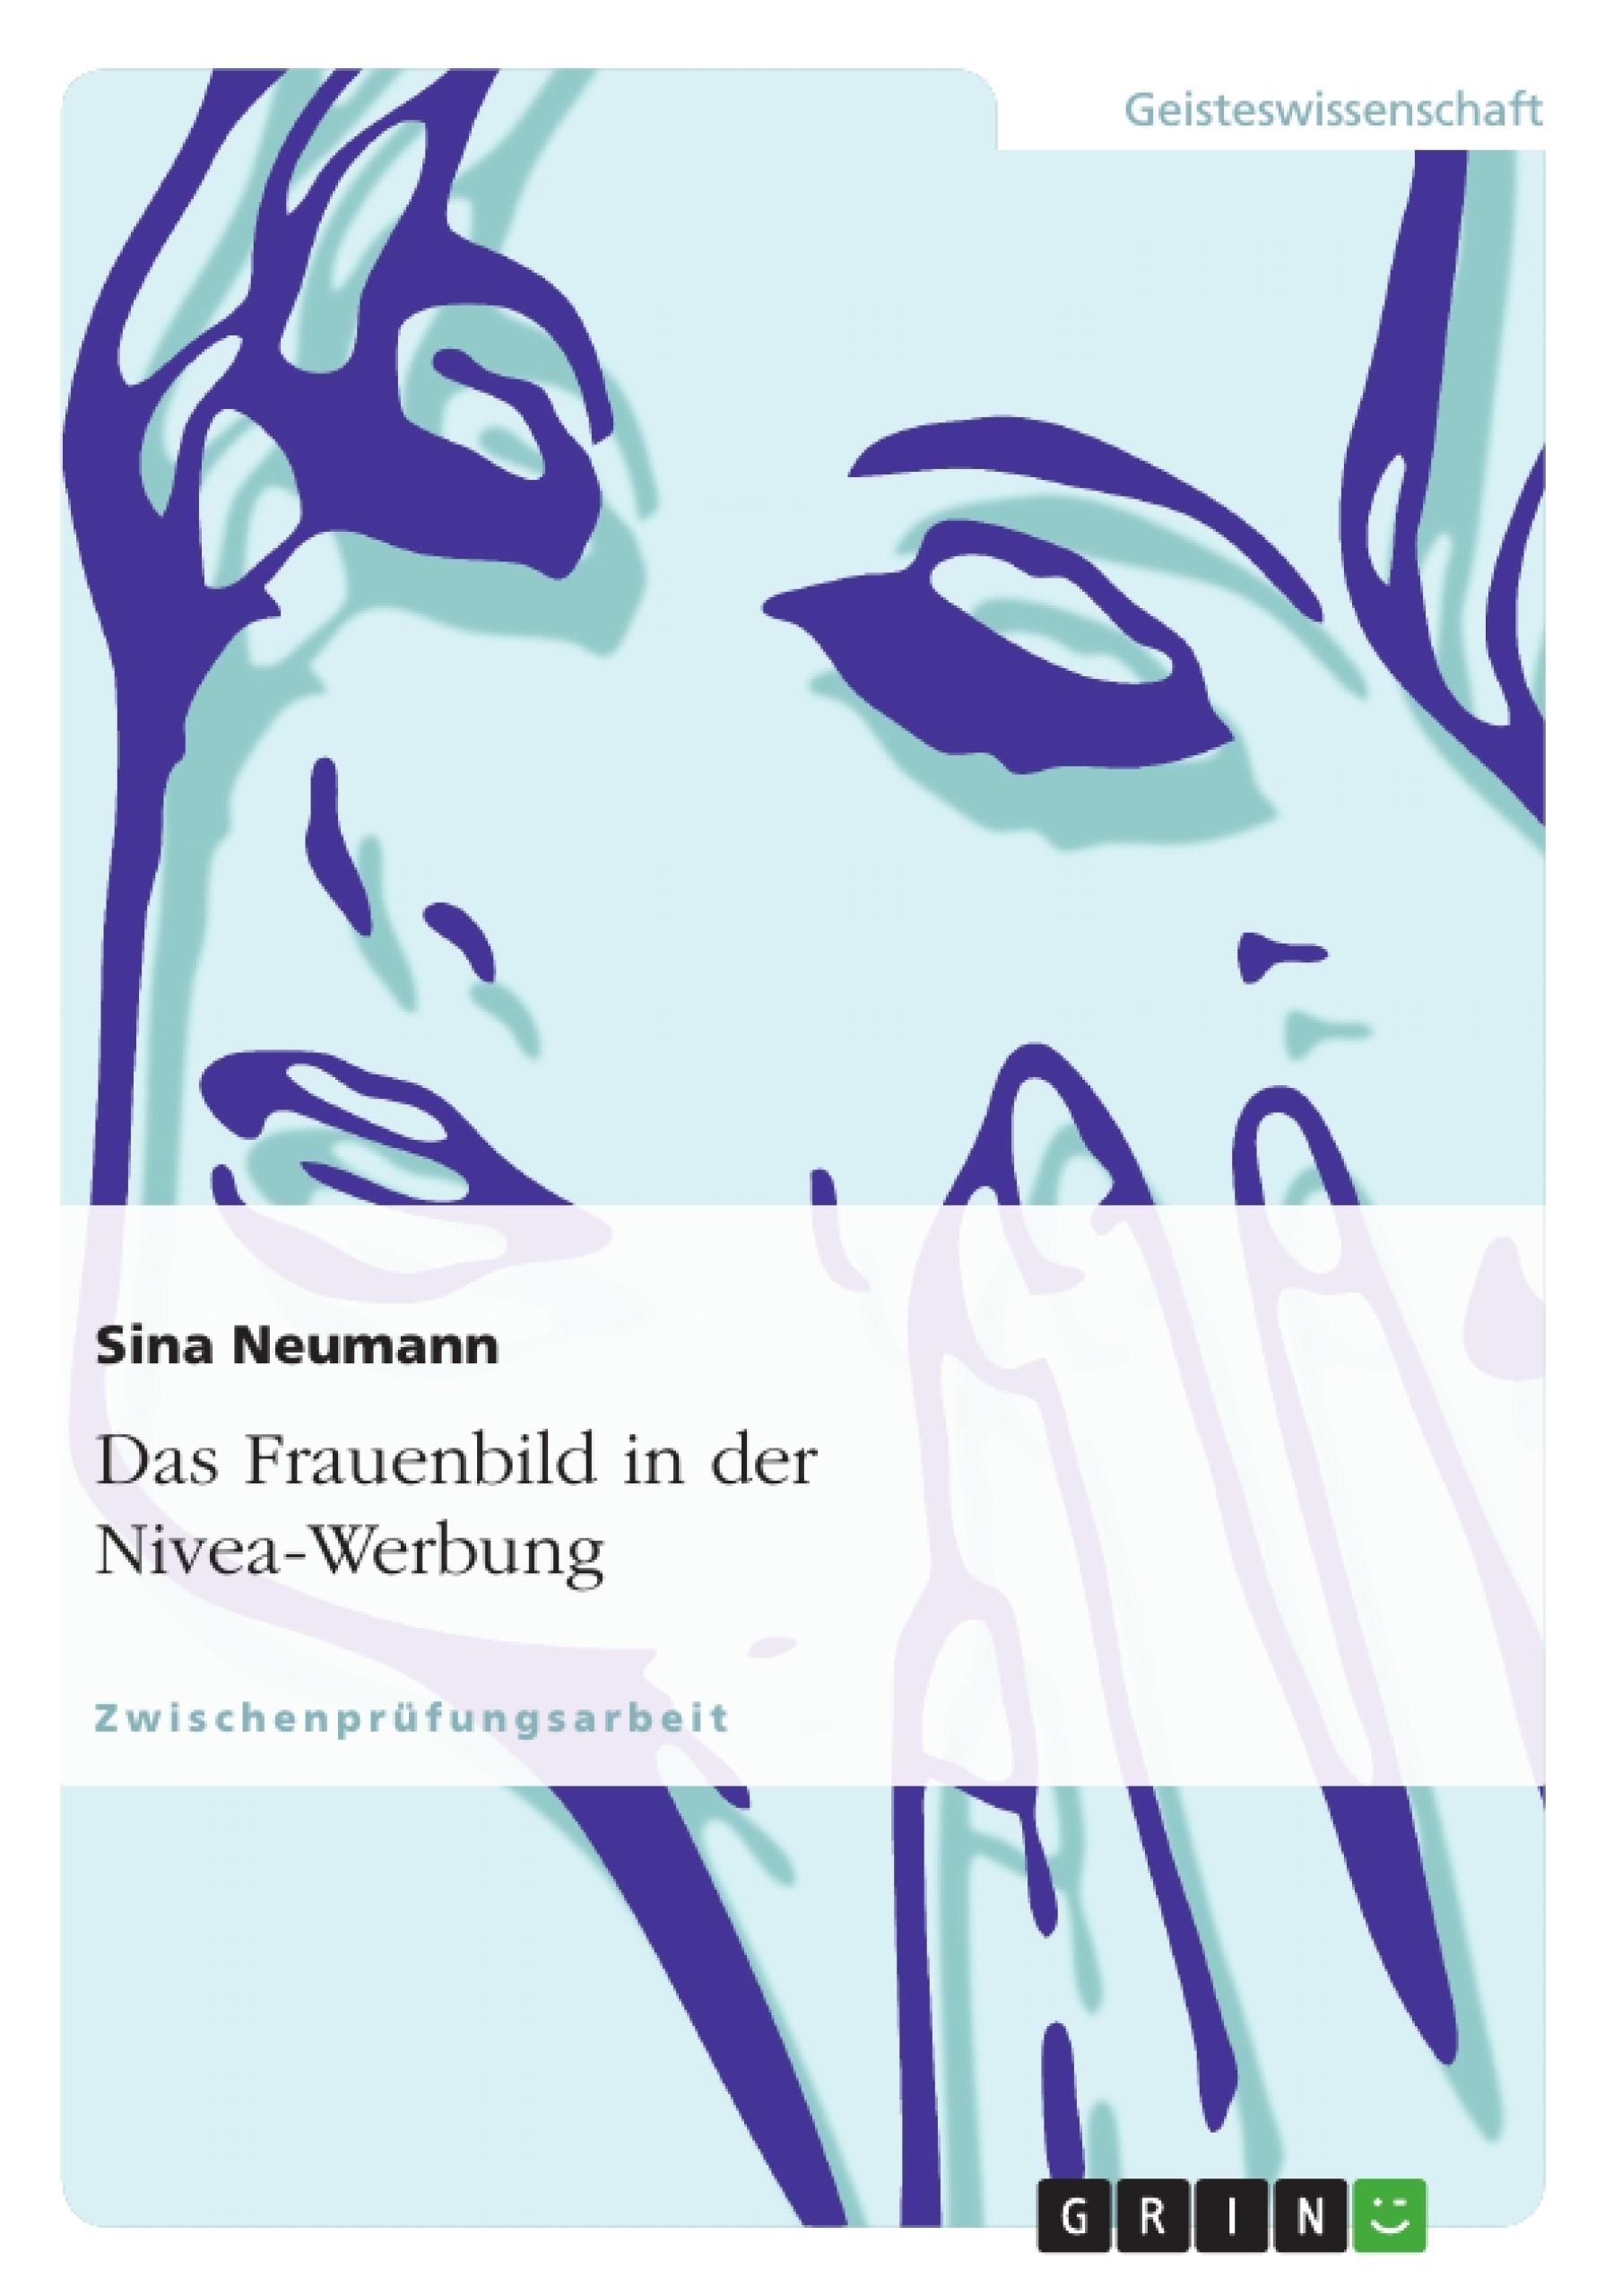 Titel: Das Frauenbild in der Nivea-Werbung